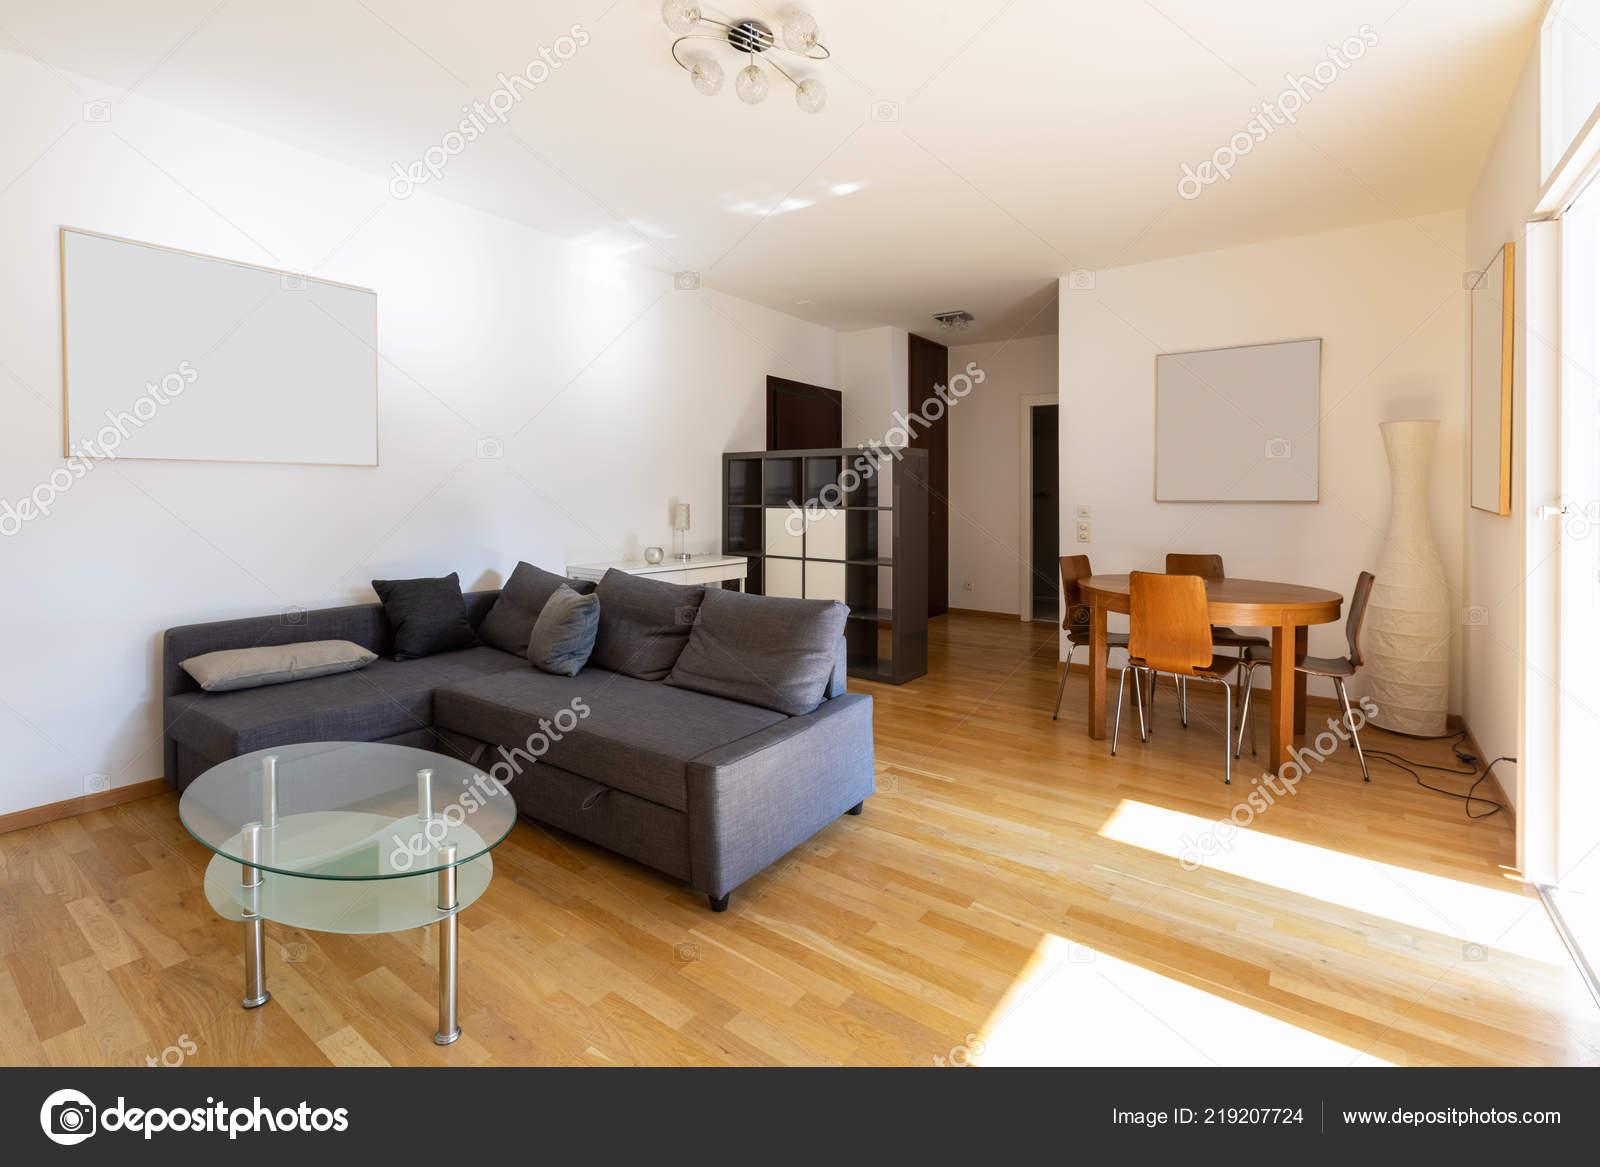 Modernes Wohnzimmer Mit Parkett Und Dunklen Sofa Niemand Inneren ...